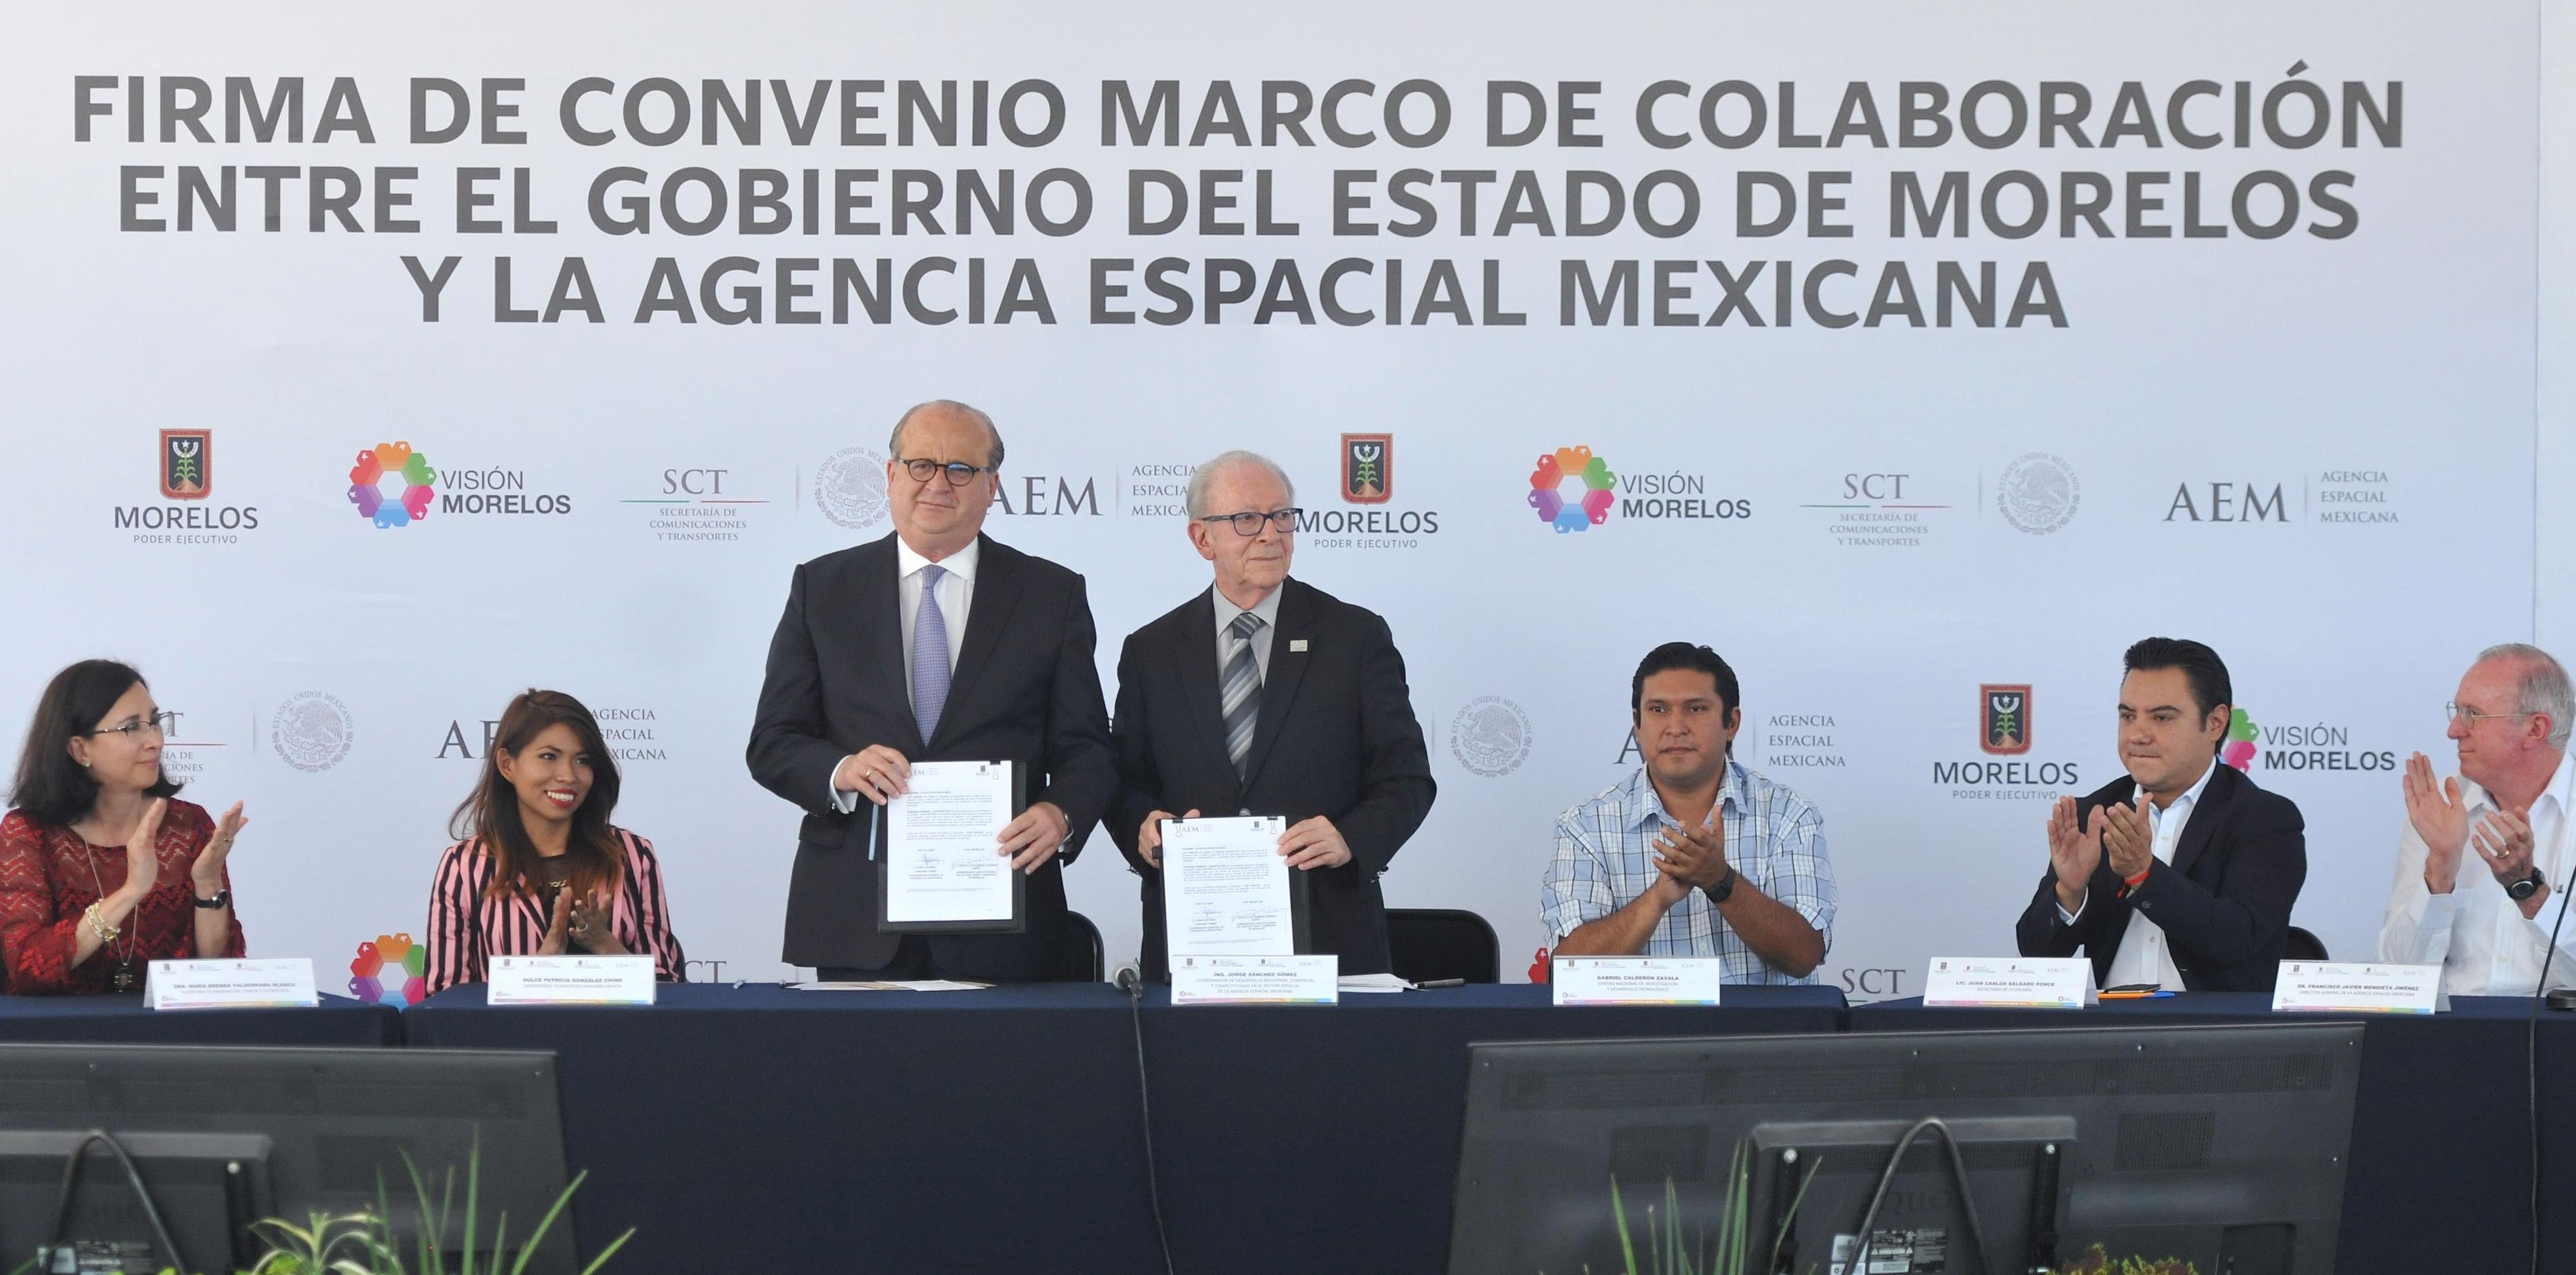 En Morelos la Agencia Espacial Mexicana